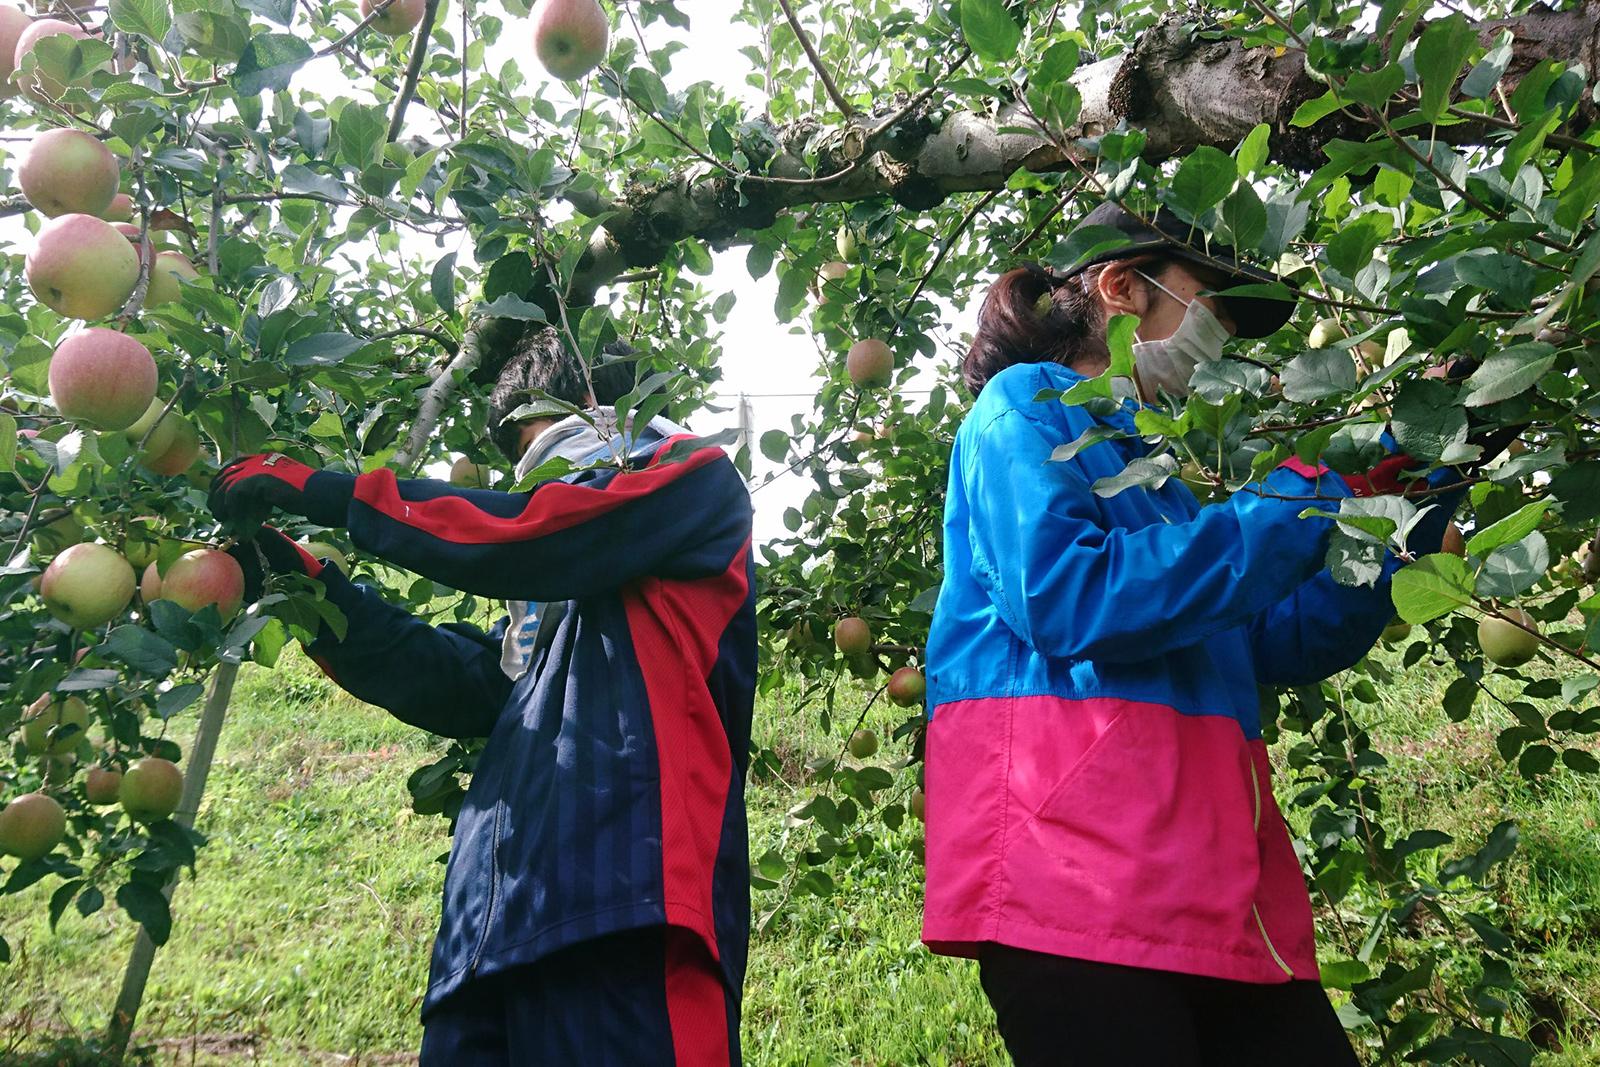 りんご農家を訪問しりんごの摘葉・収穫等を行う